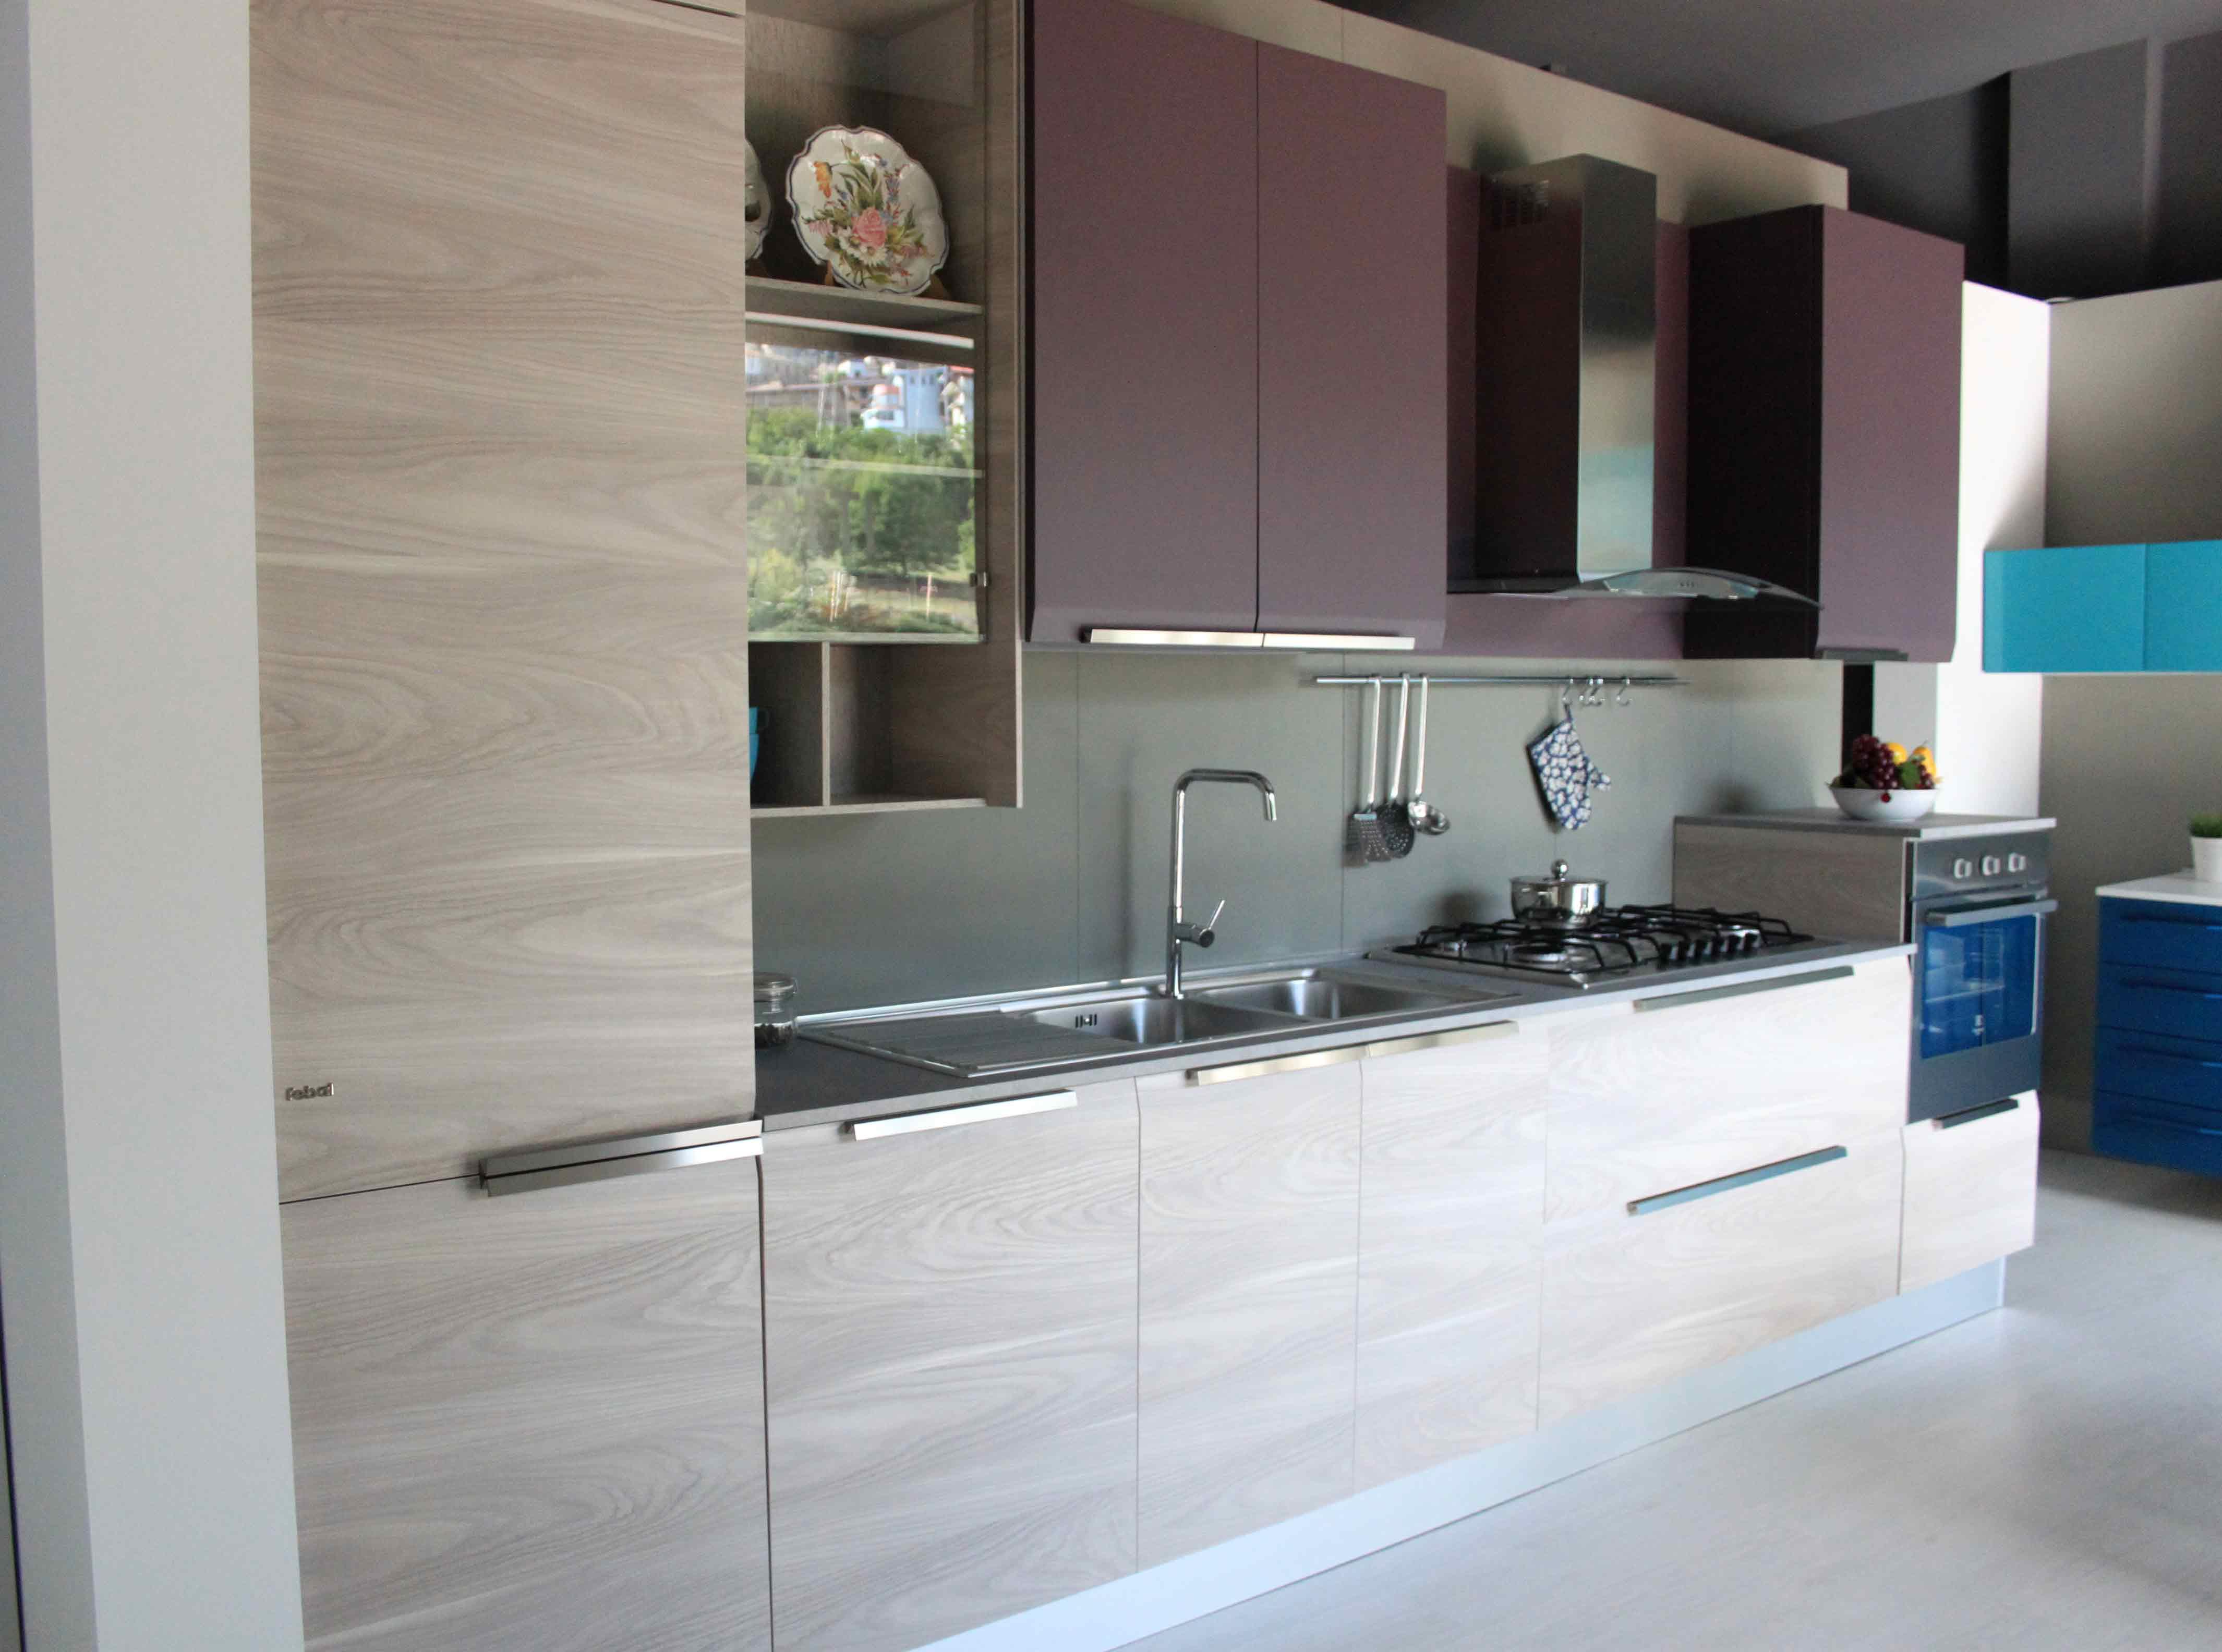 Cappa Per Cucina Faber : Cucina mod chantal febal casa leonetti design